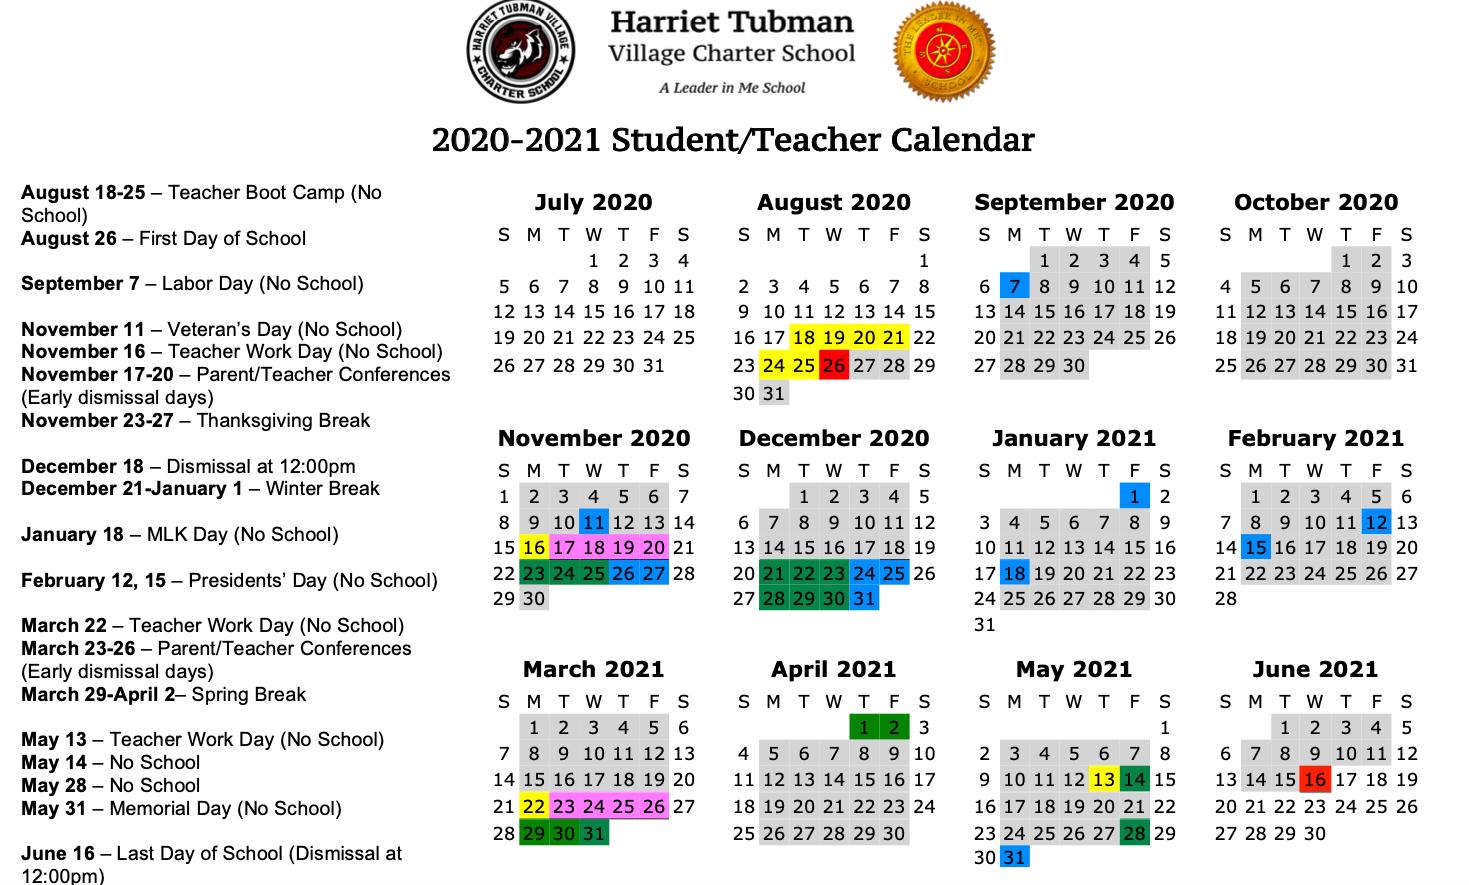 School Year Calendar 2020 21 – School Year Calendar 2020 21